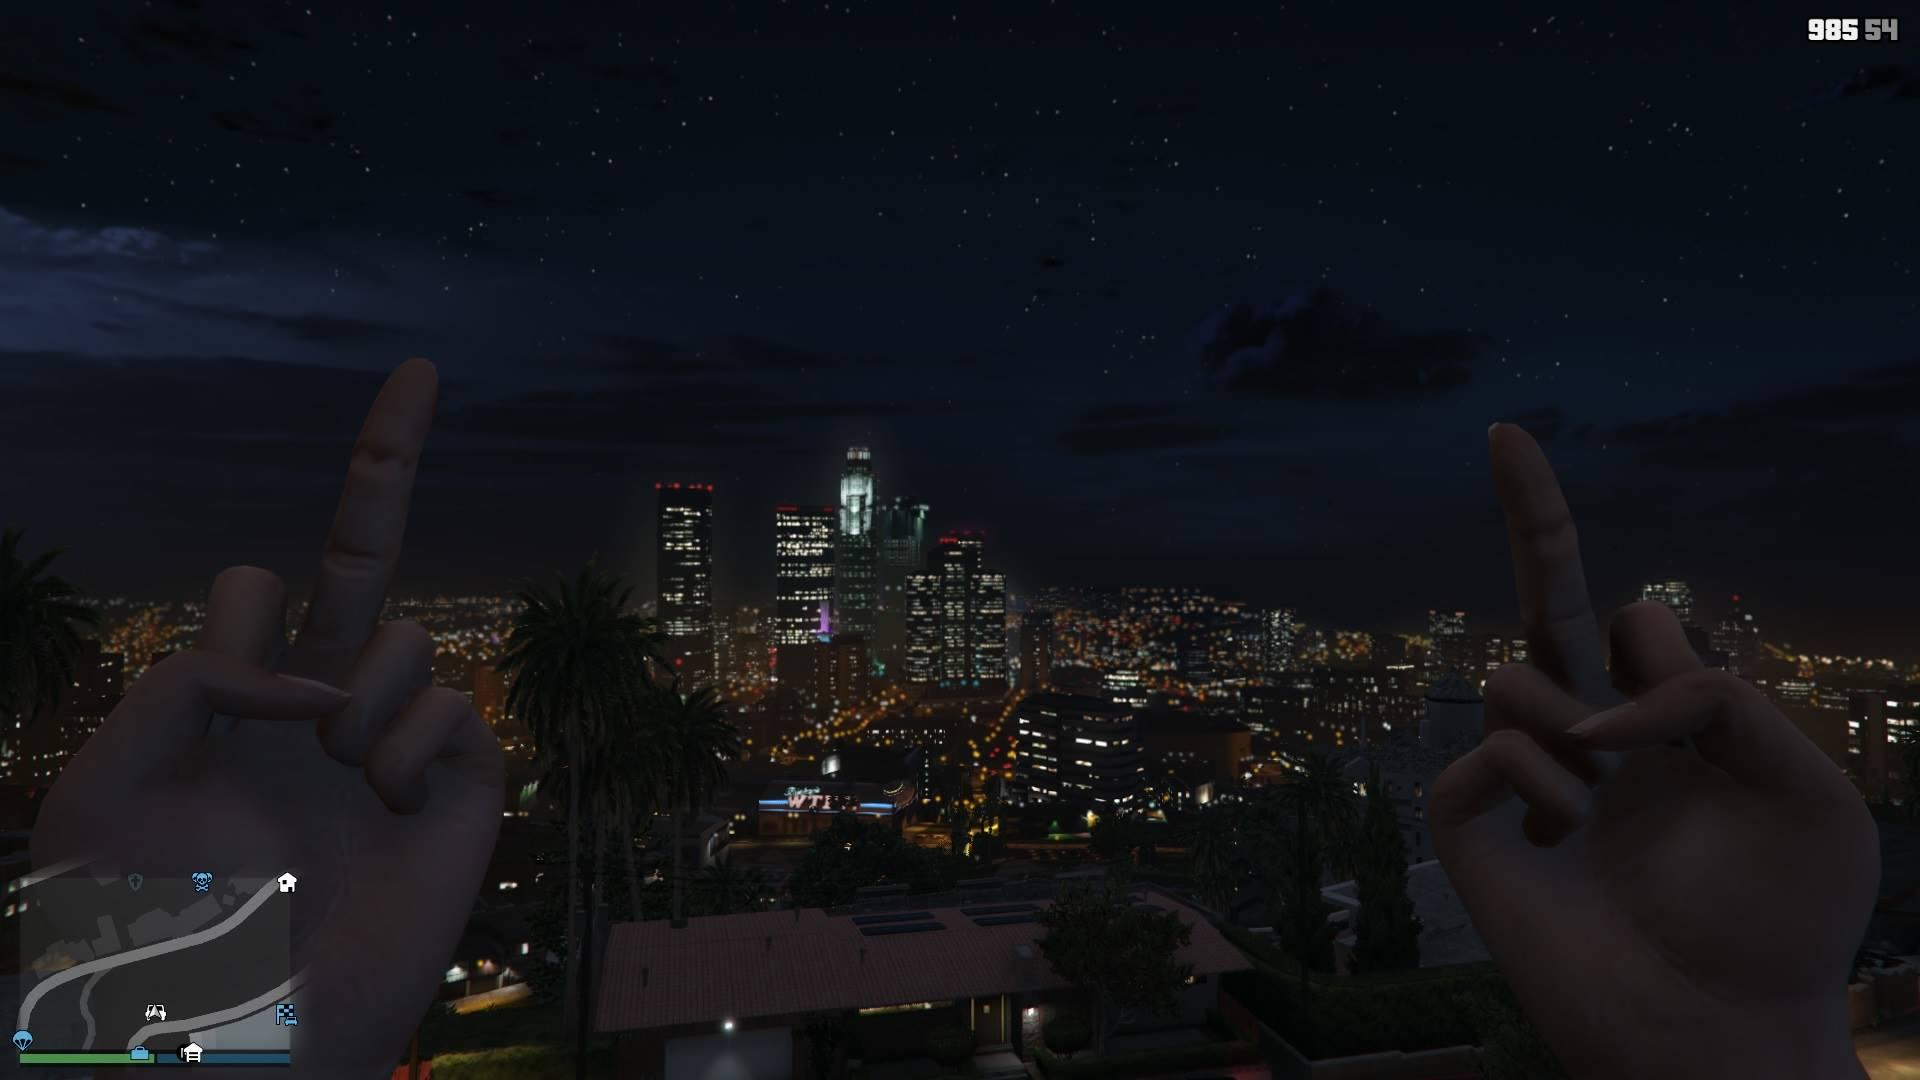 Rockstar молчали о главном дополнении к некстген переизданию GTA V !!! - Изображение 1